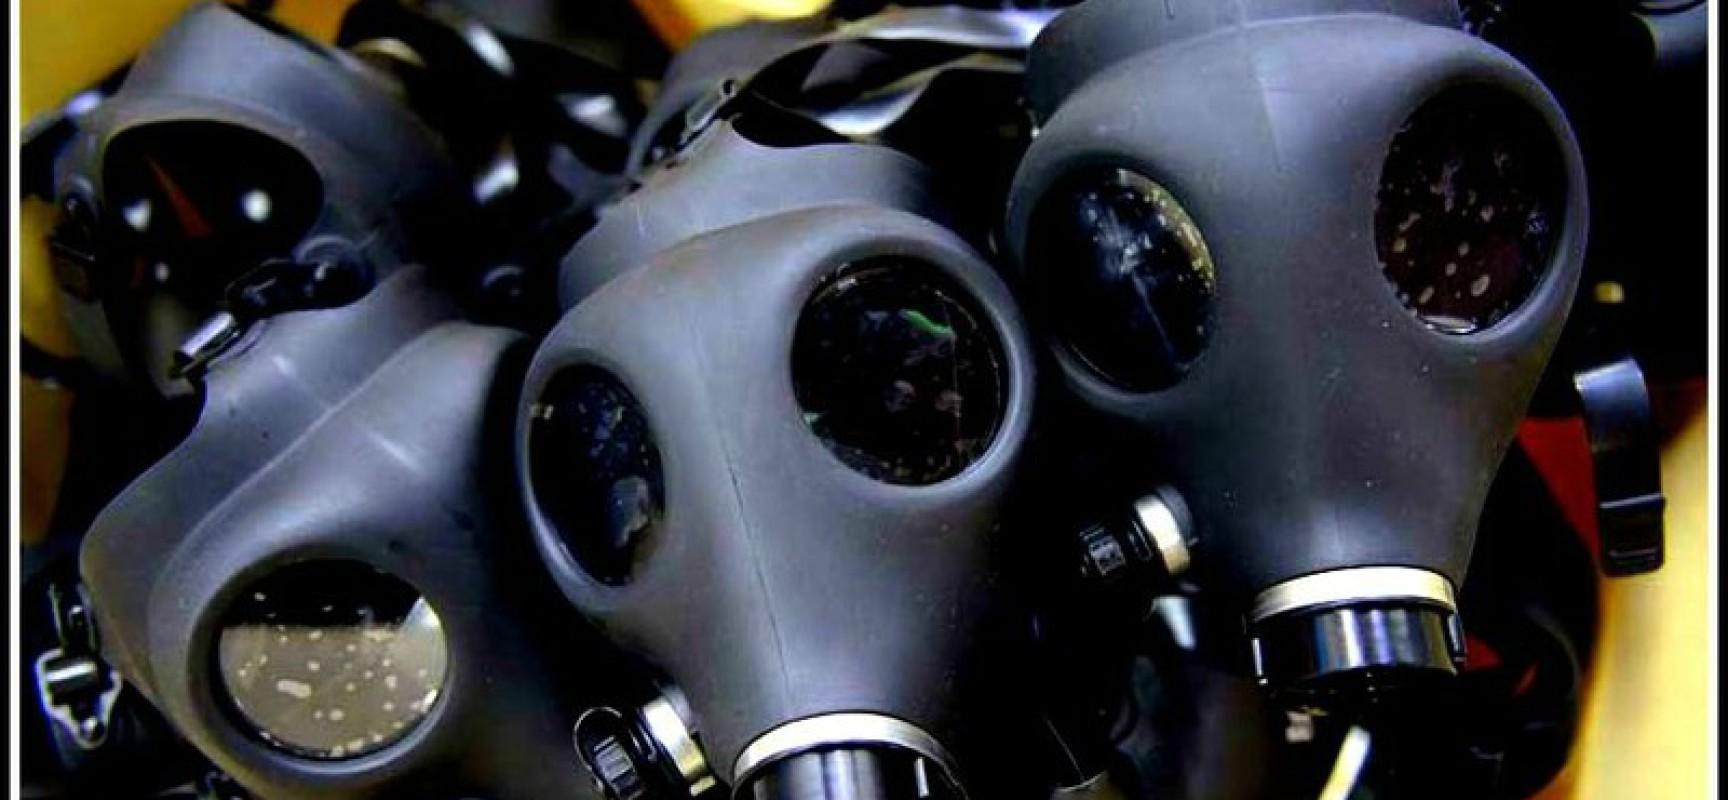 Le gouvernement se prépare à des attaques chimiques